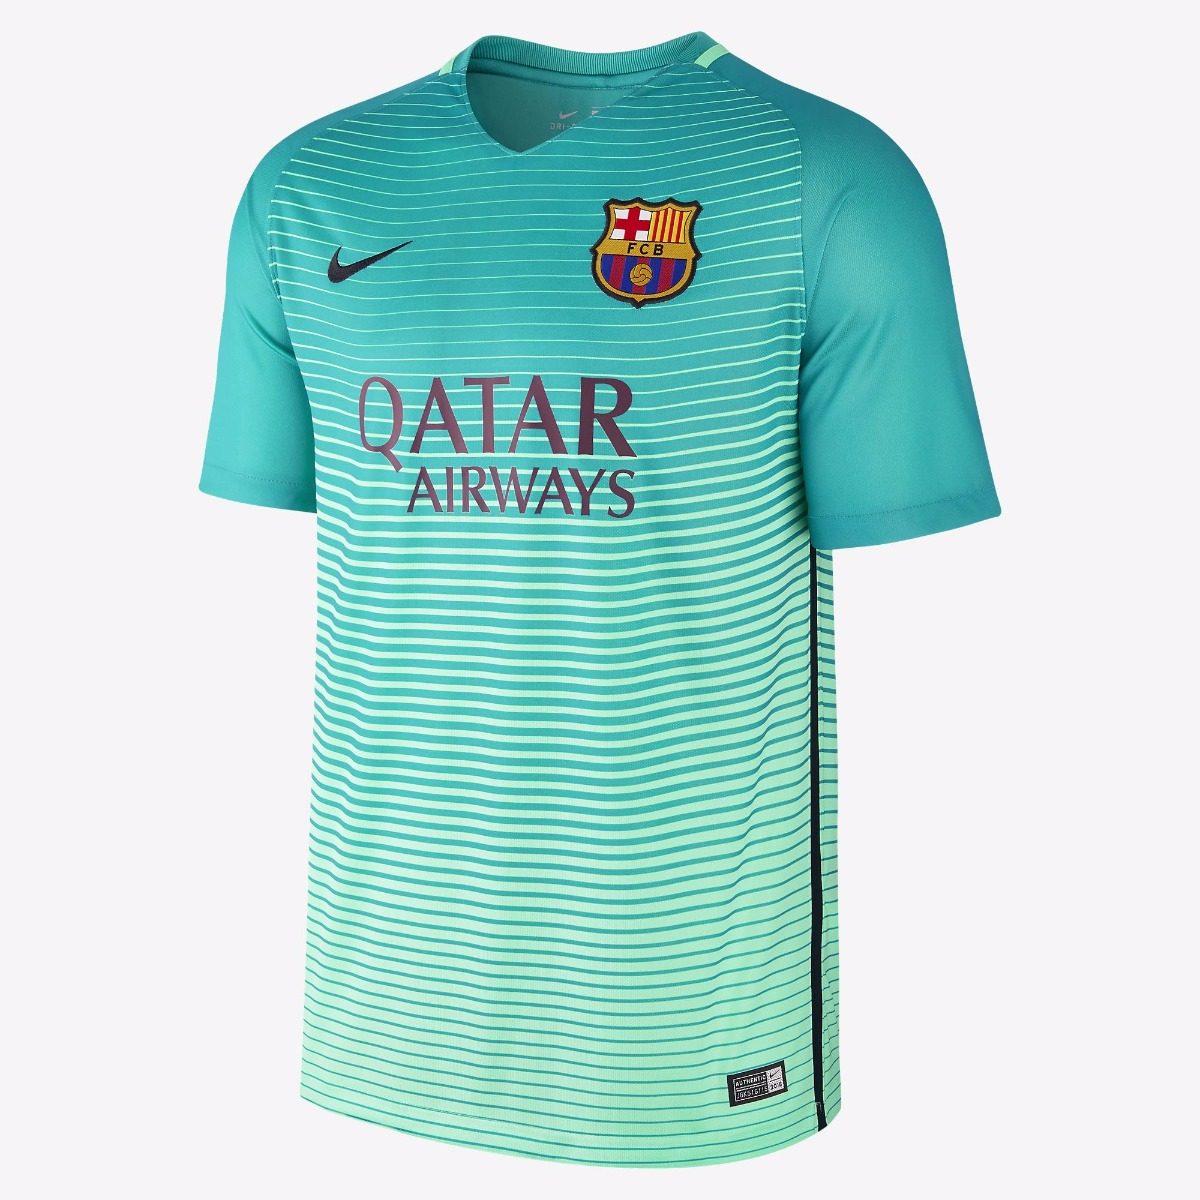 7c2687d50b Camisa Nike Barcelona 2016 2017 - Infantil Gg - Original - R  149